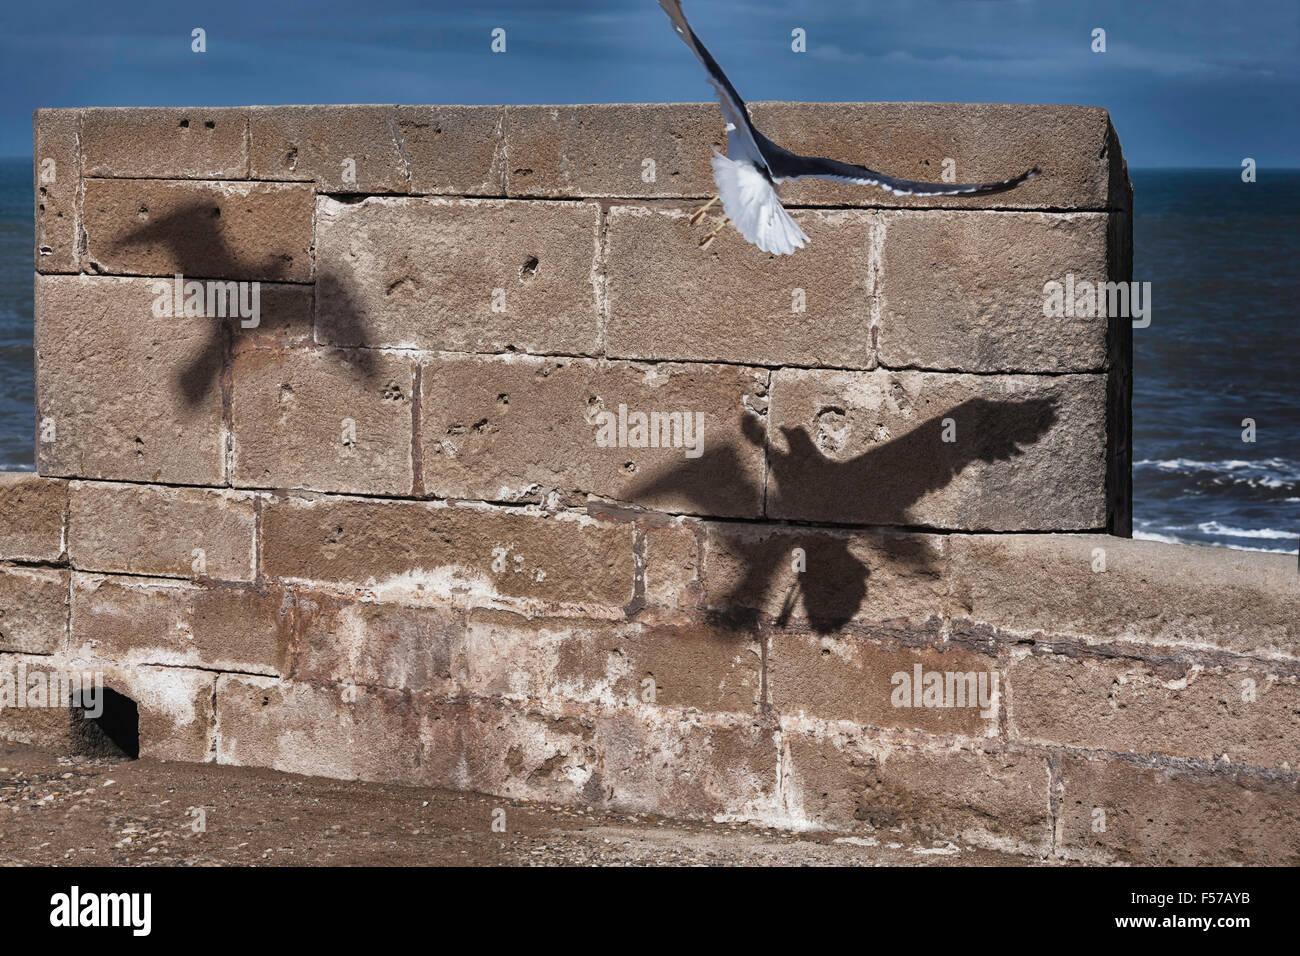 Gaviota volar sombras contra el muro de piedra. Imagen De Stock